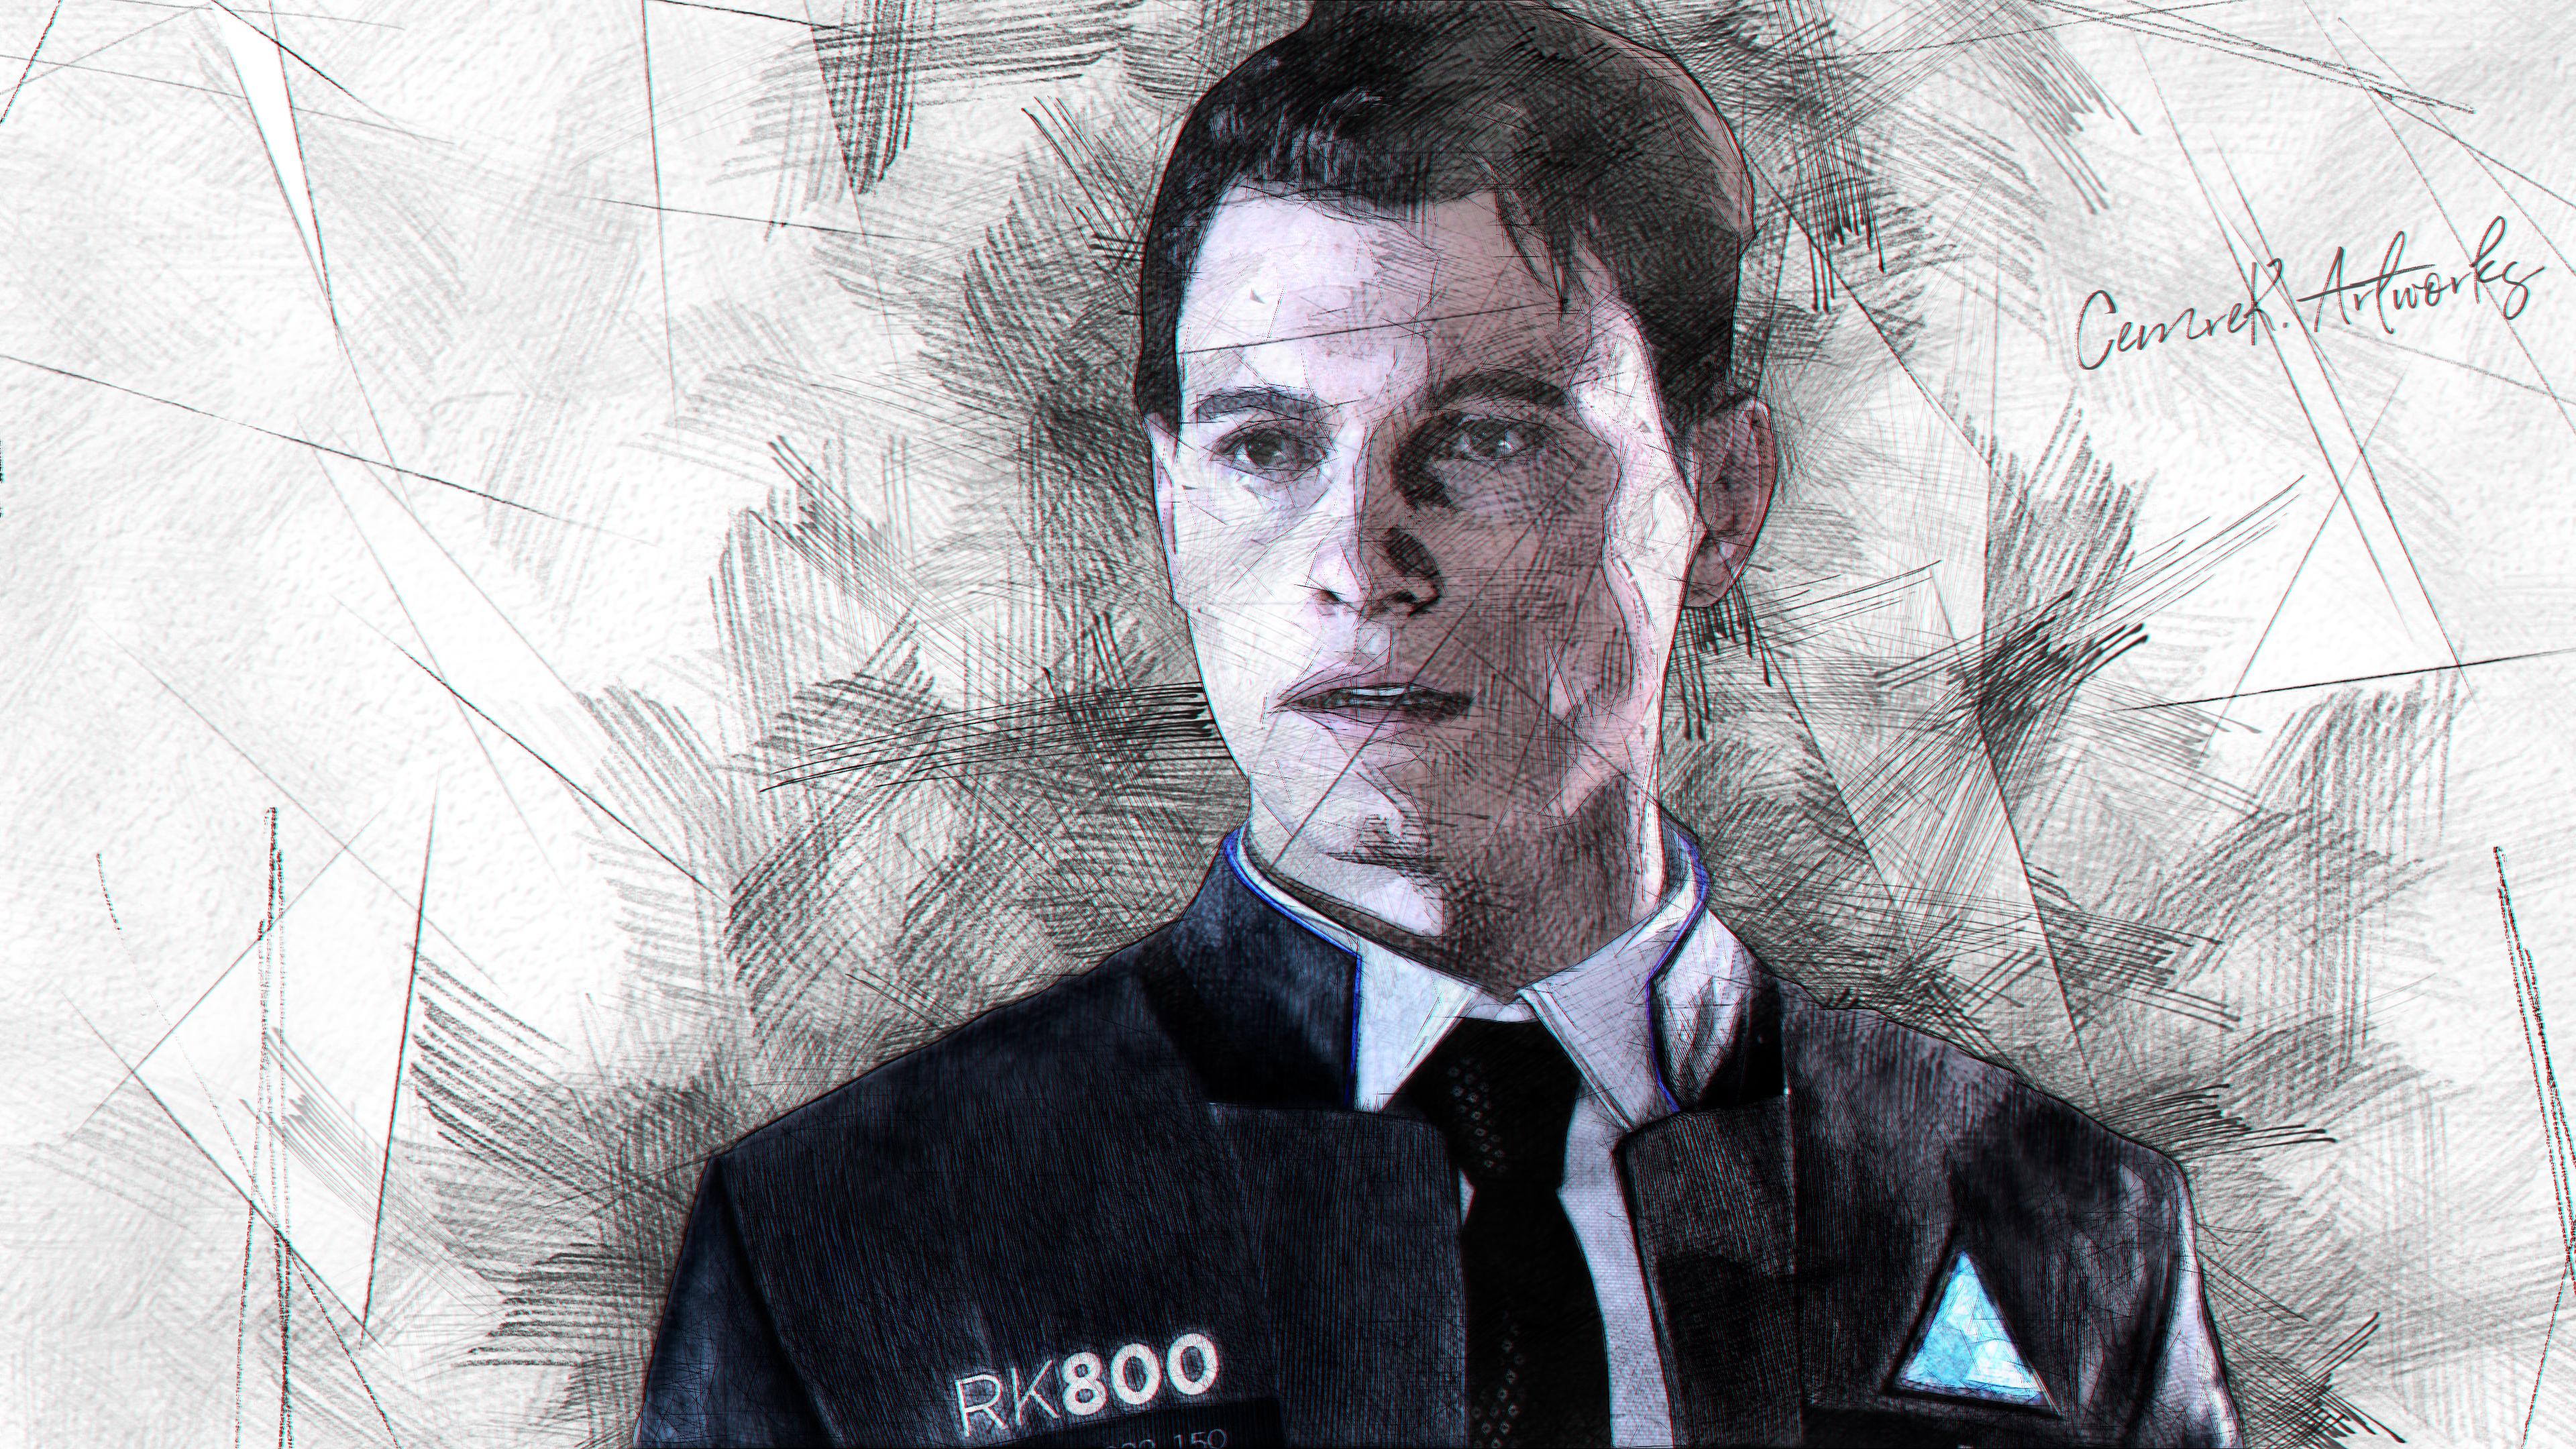 Detroit Become Human Connor Wallpaper: Detroit Become Human Connor Drawing By Cemreksdmr On